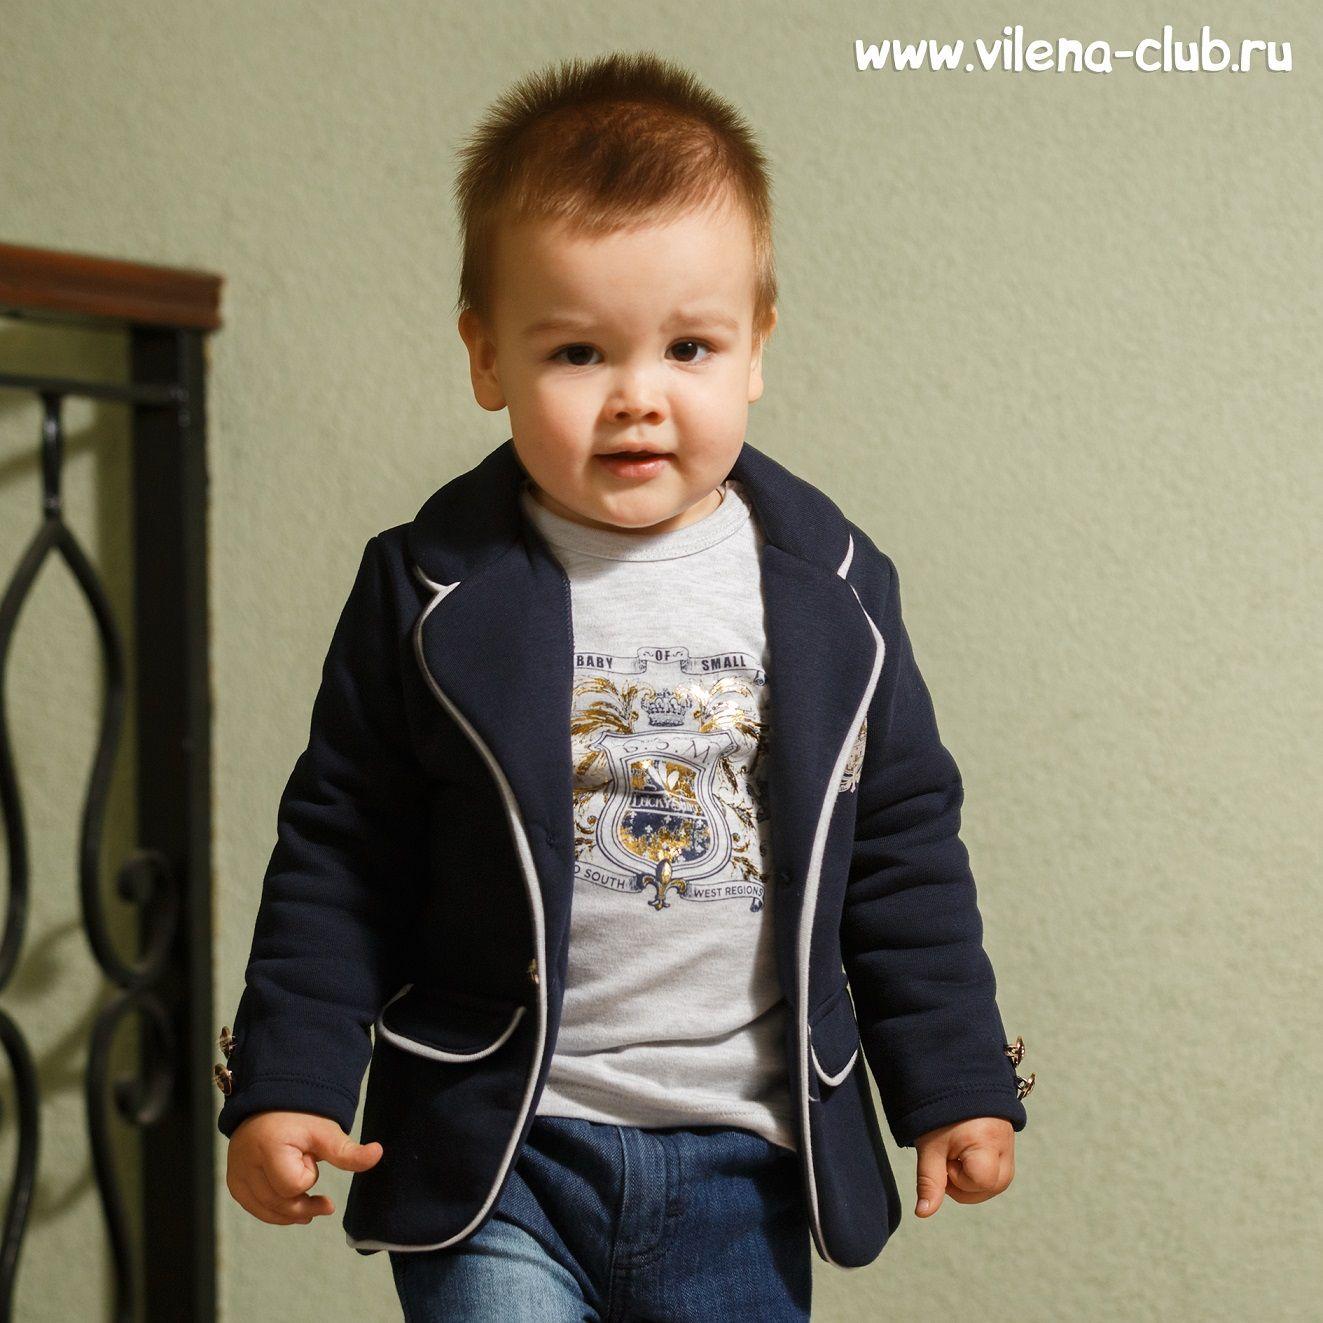 Костюм для мальчика (пиджак+джемпер+джинсы)